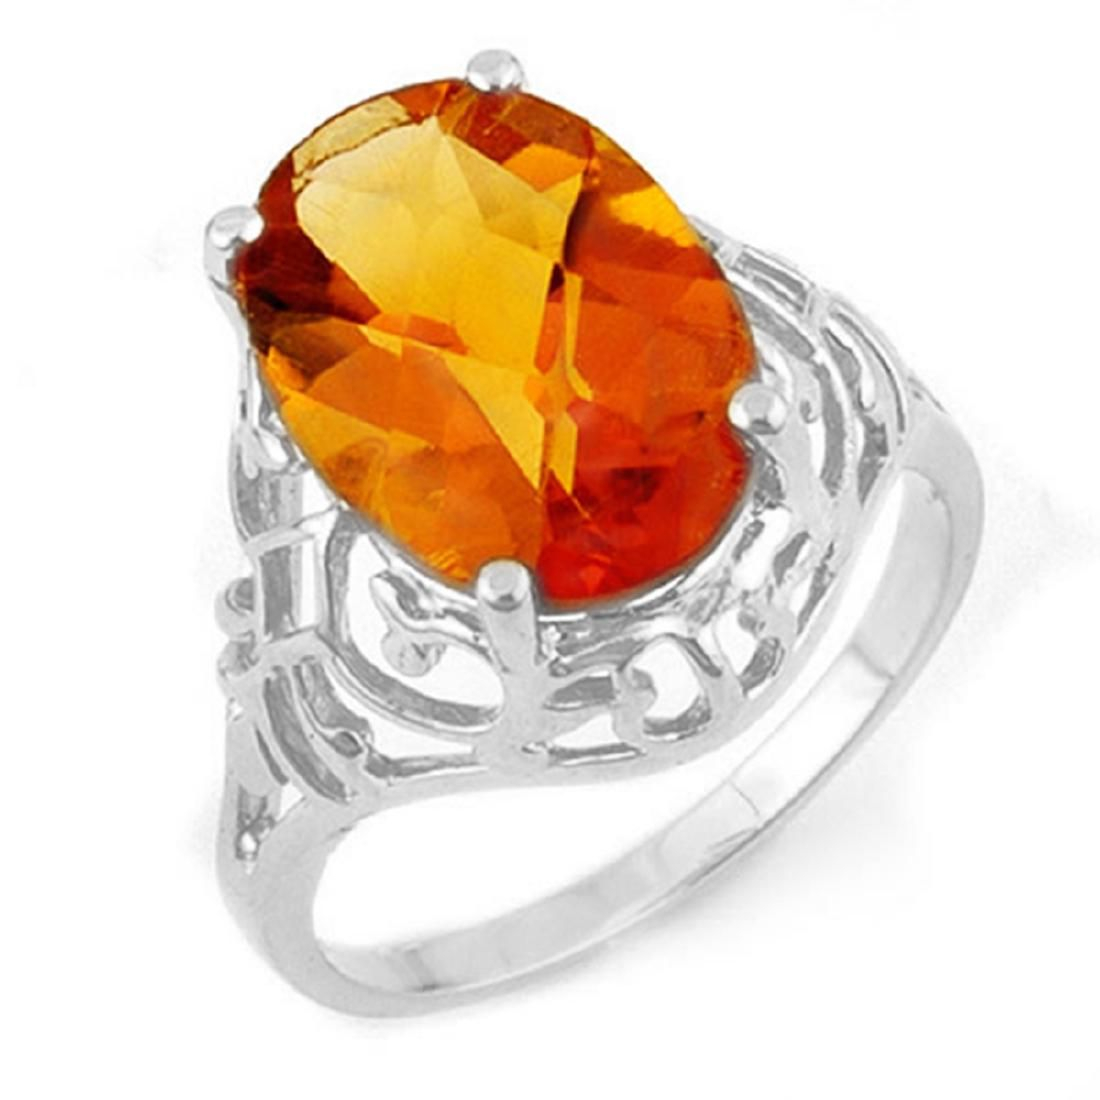 6.50 CTW Genuine Citrine Ring 14K White Gold